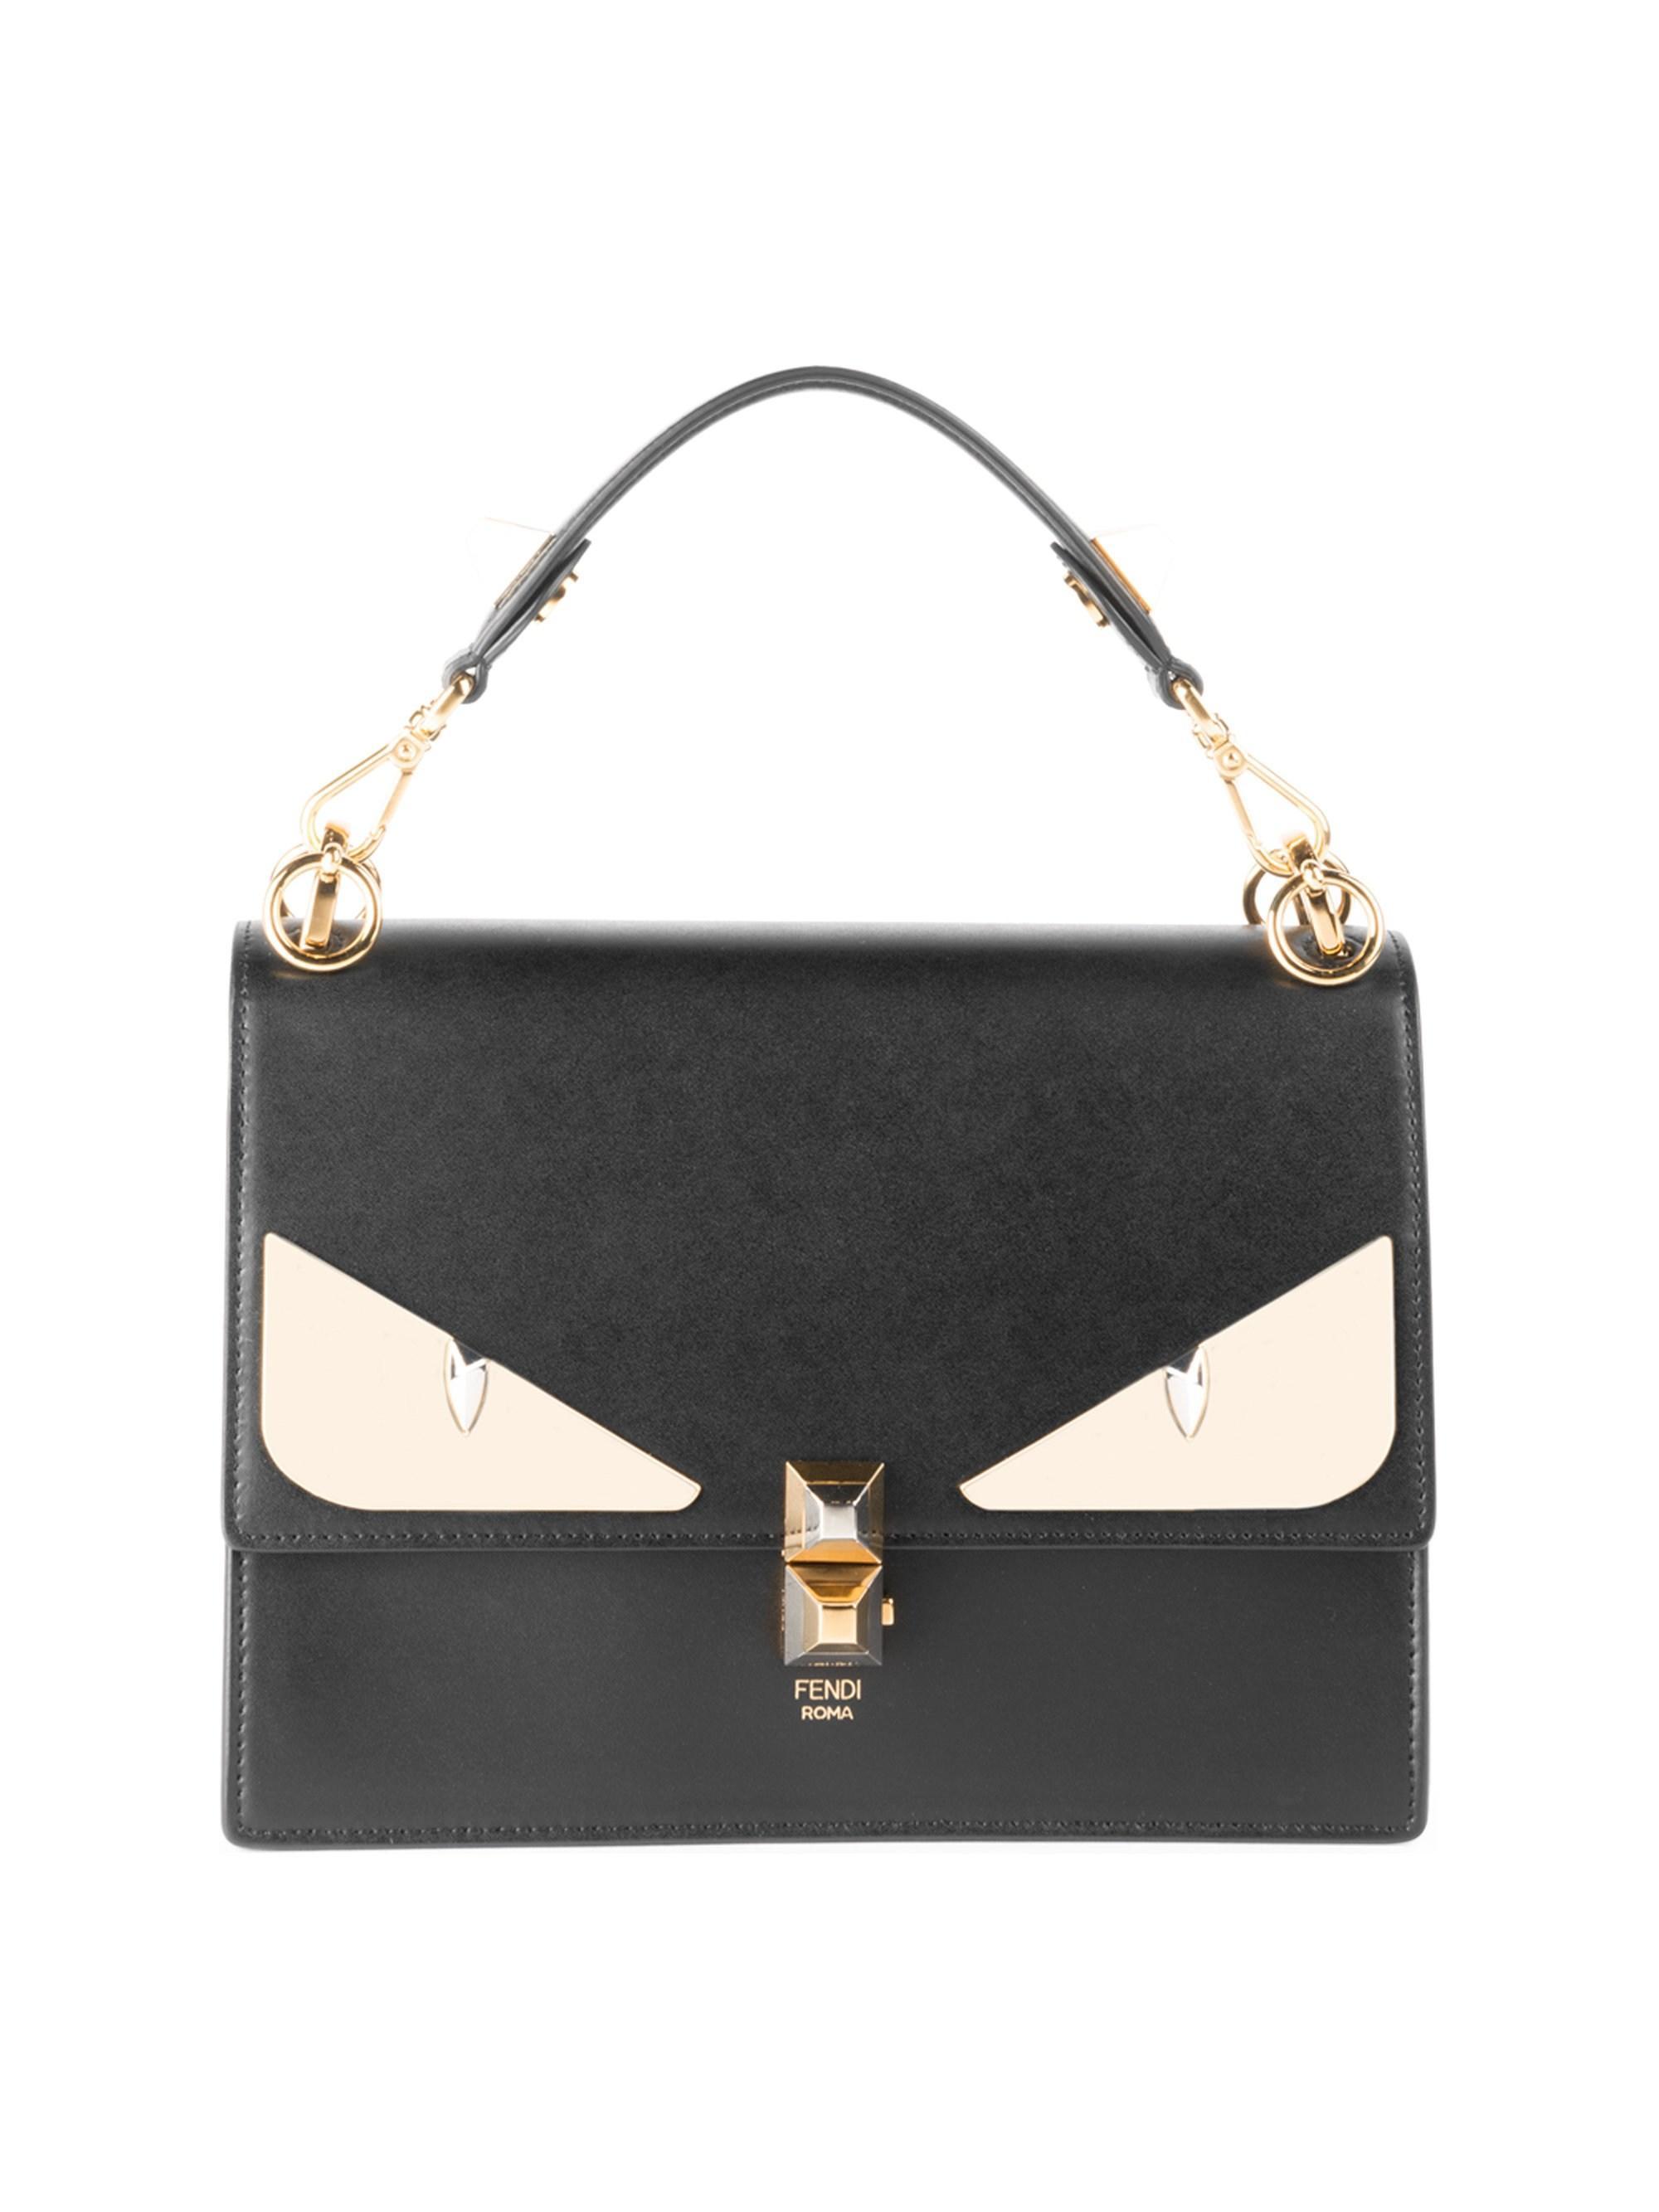 838506f04b25 Fendi Women s Kan I Monster Eye Black Shoulder Bag - Black in Black ...